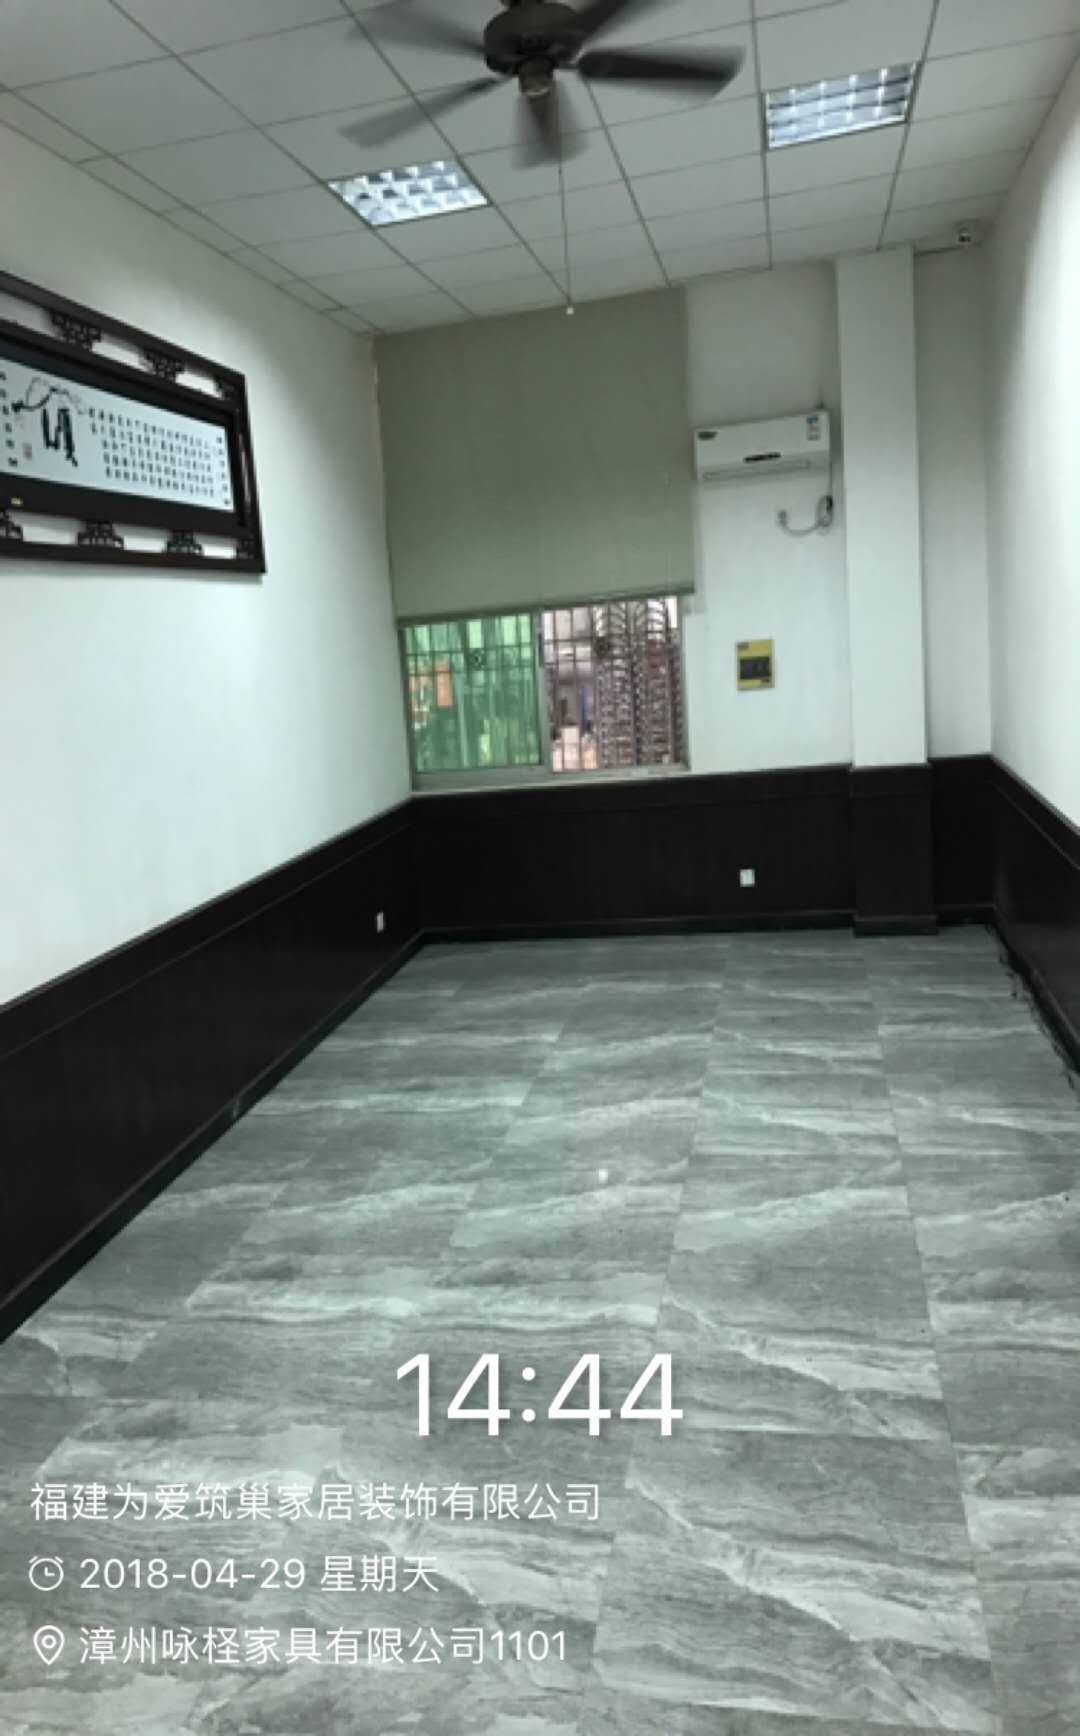 漳州咏柽家具有限公司1-101